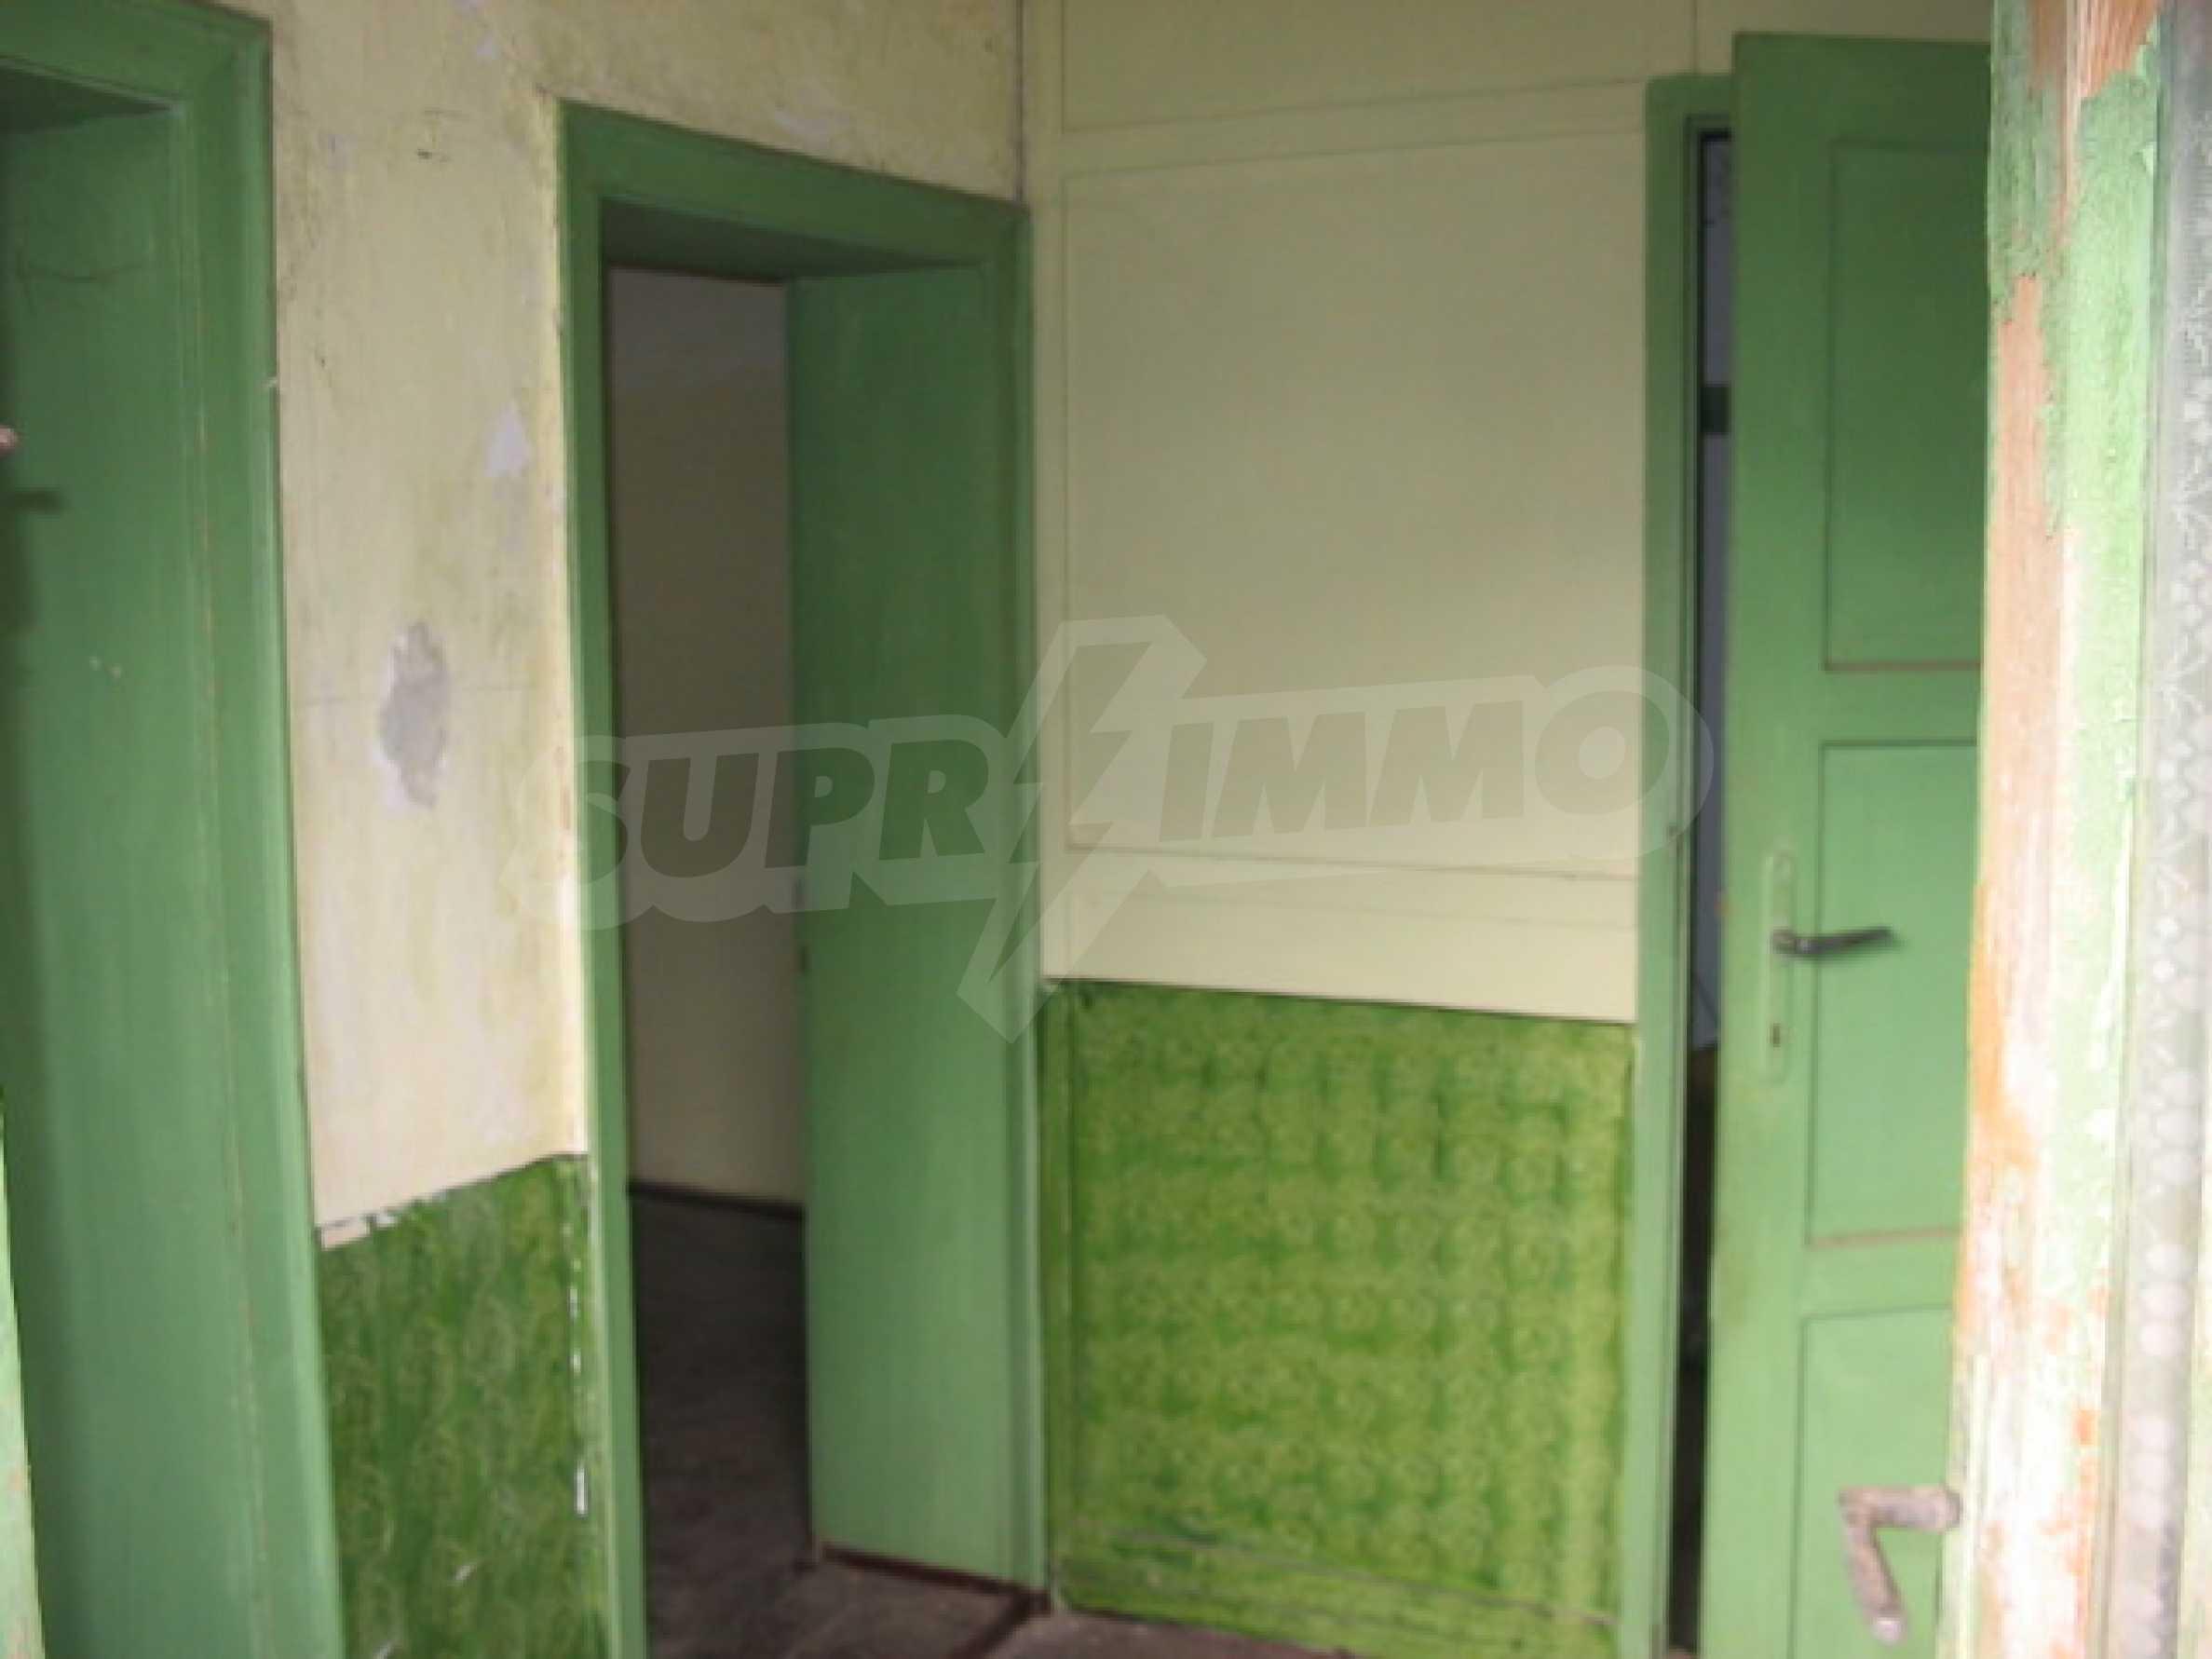 Къща за продажба близо до гр. Велико Търново 7